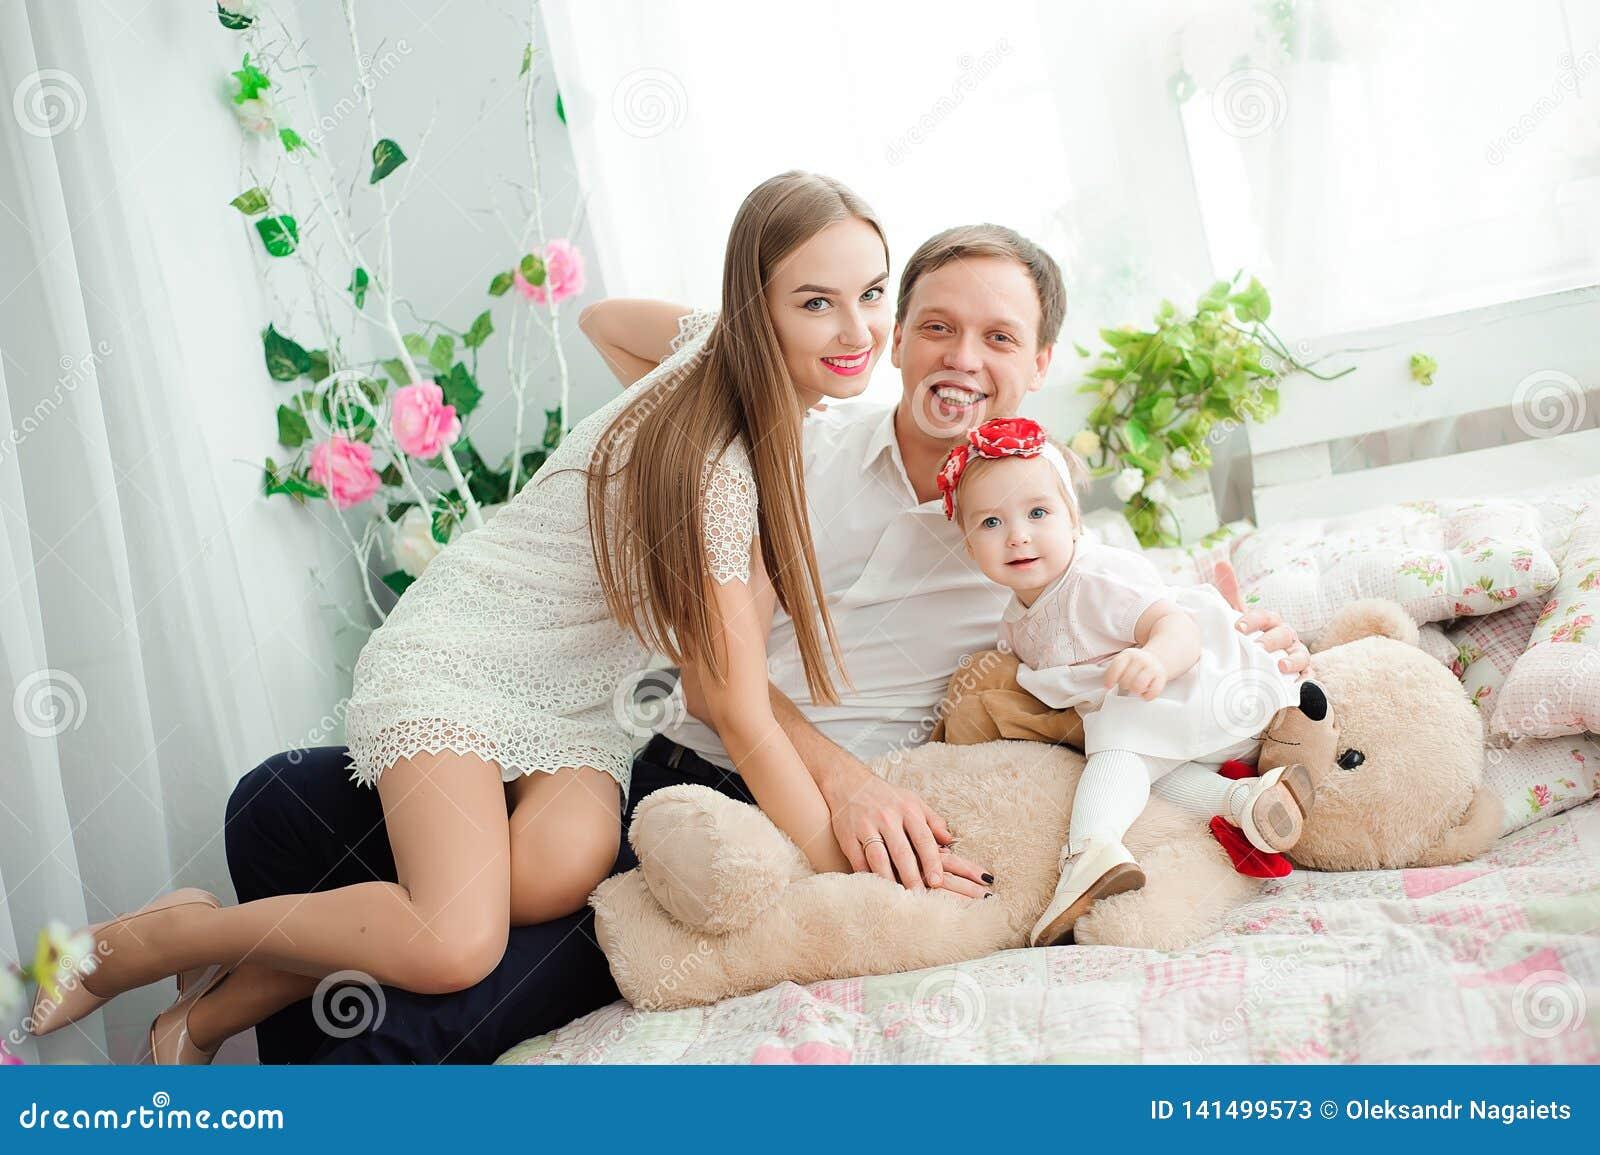 Прекрасная семья усмехаясь и смеясь, представляя на камере, и обнимая один другого для семейного фото